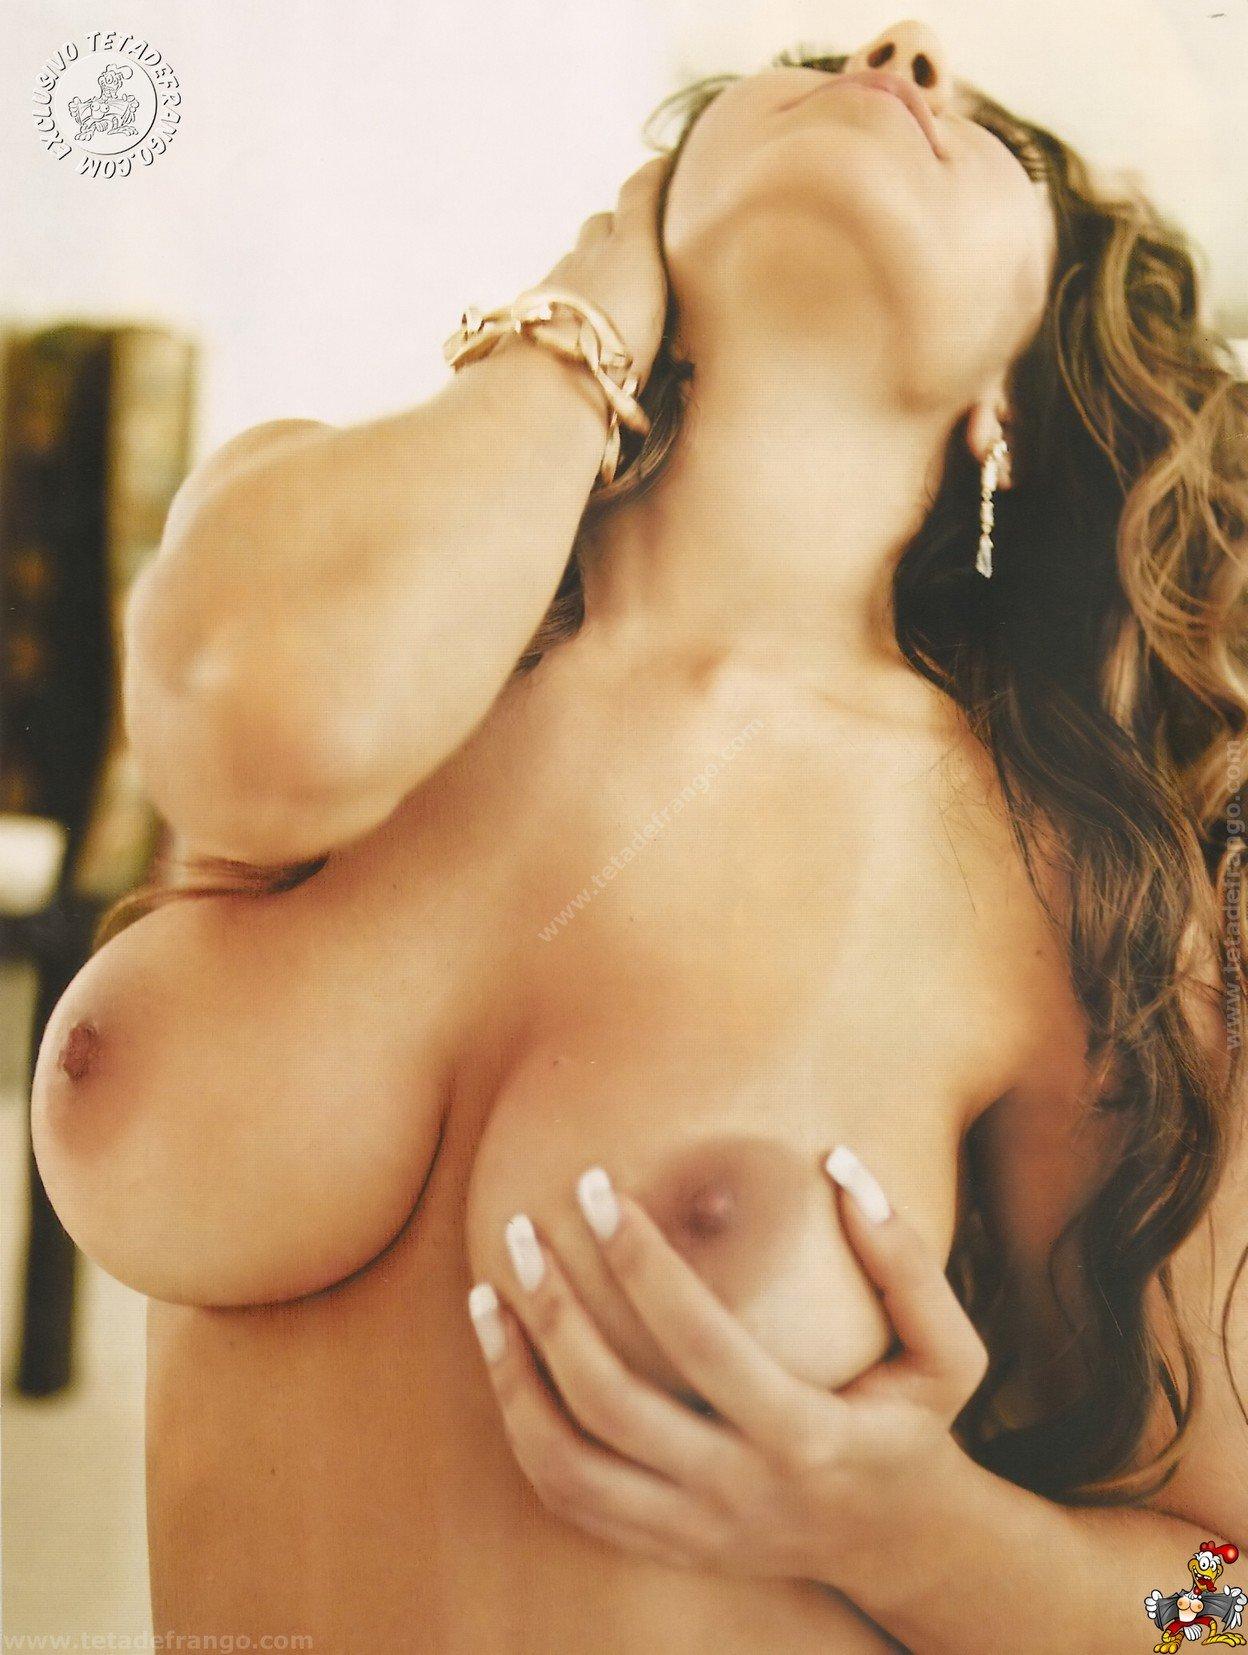 Fotos Playboy Mulher Melão Renata Frisson (21)